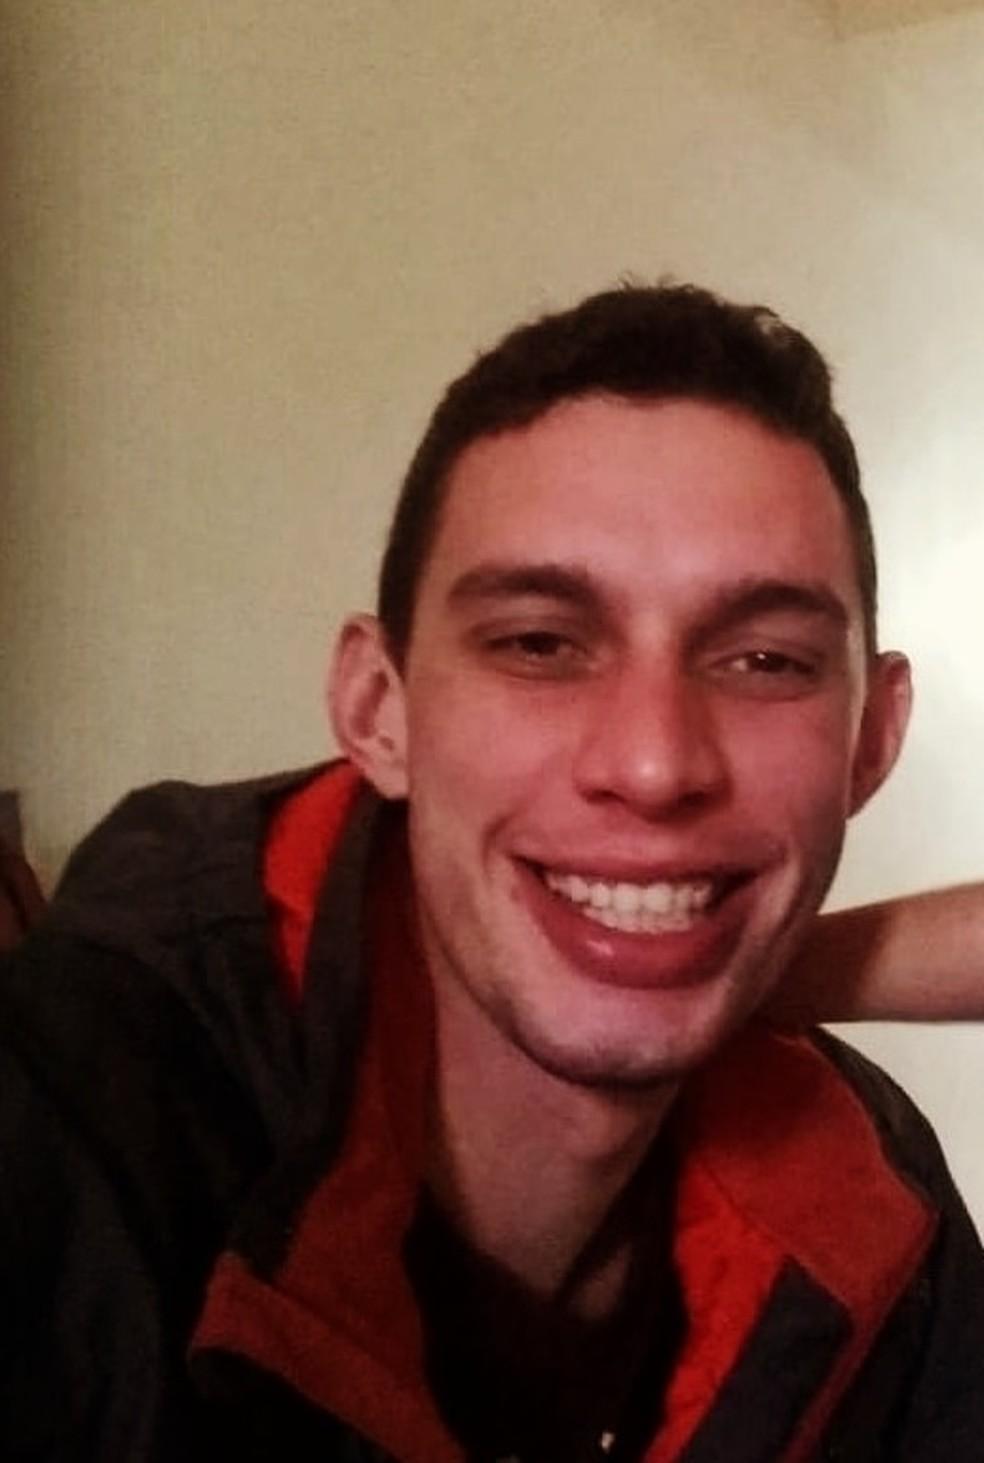 Bruno de Oliveira Gibertoni, de 30 anos, foi encontrado morto em um cemitério clandestino em Cubatão, SP — Foto: Reprodução/Facebook